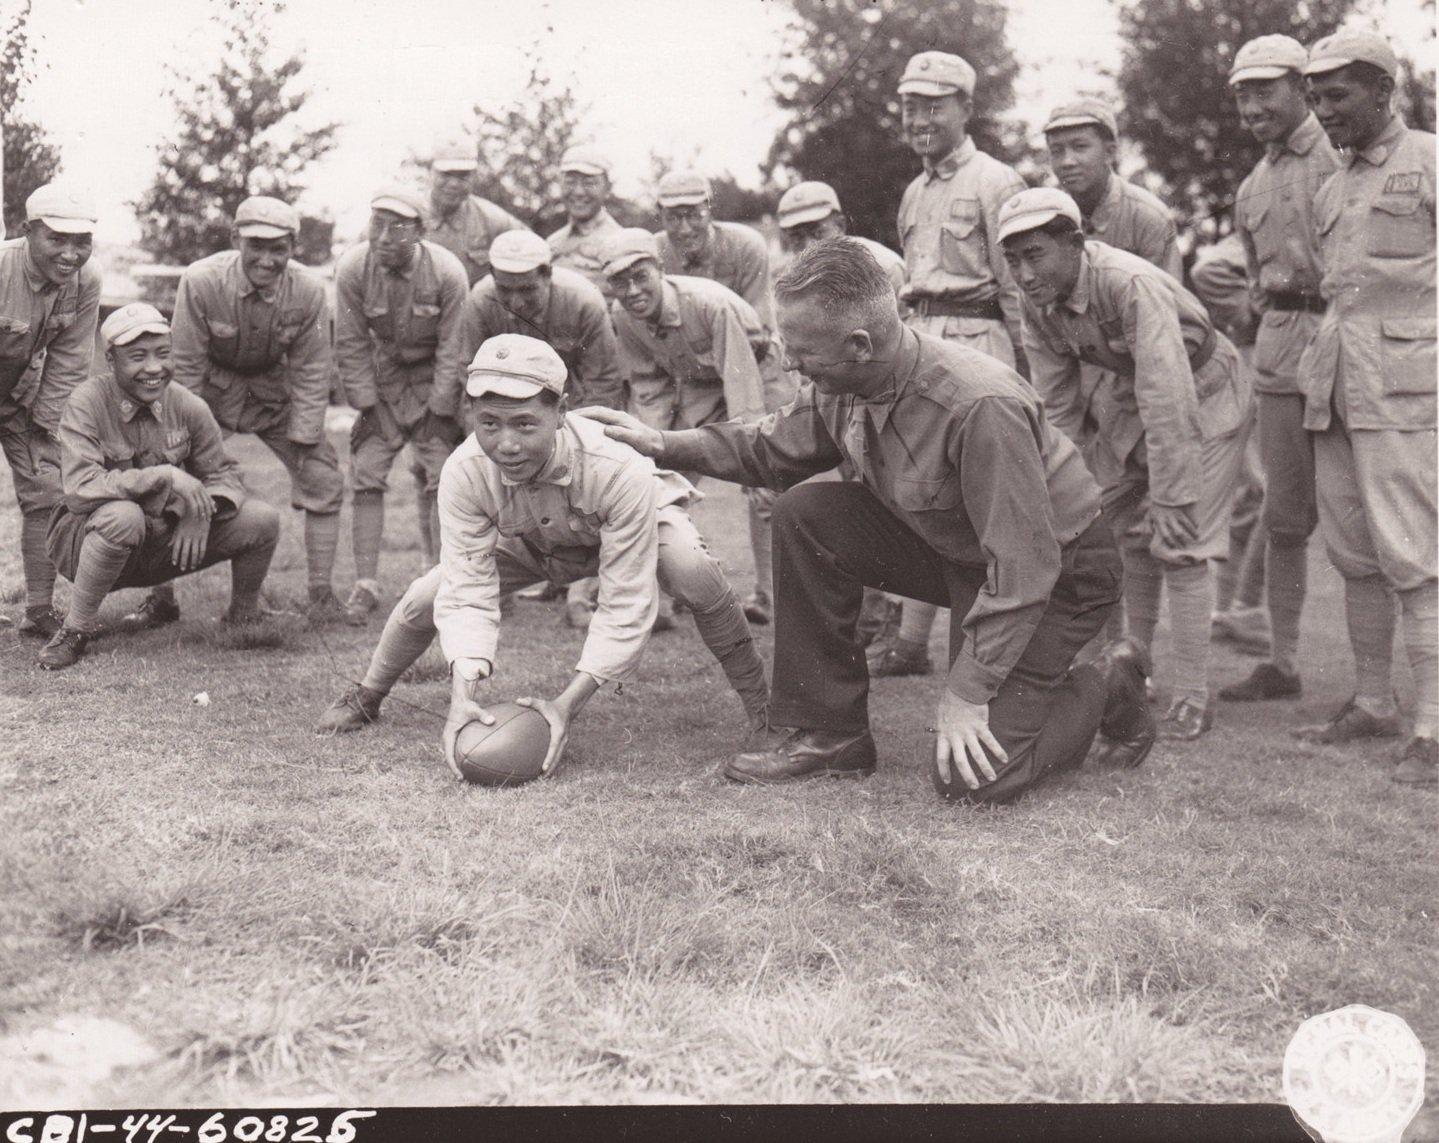 西雅图的切斯特・麦克格鲁中尉向一群中国士兵讲解橄榄球。汉德瑞克斯五级技术军士拍摄于1944年10月15日。